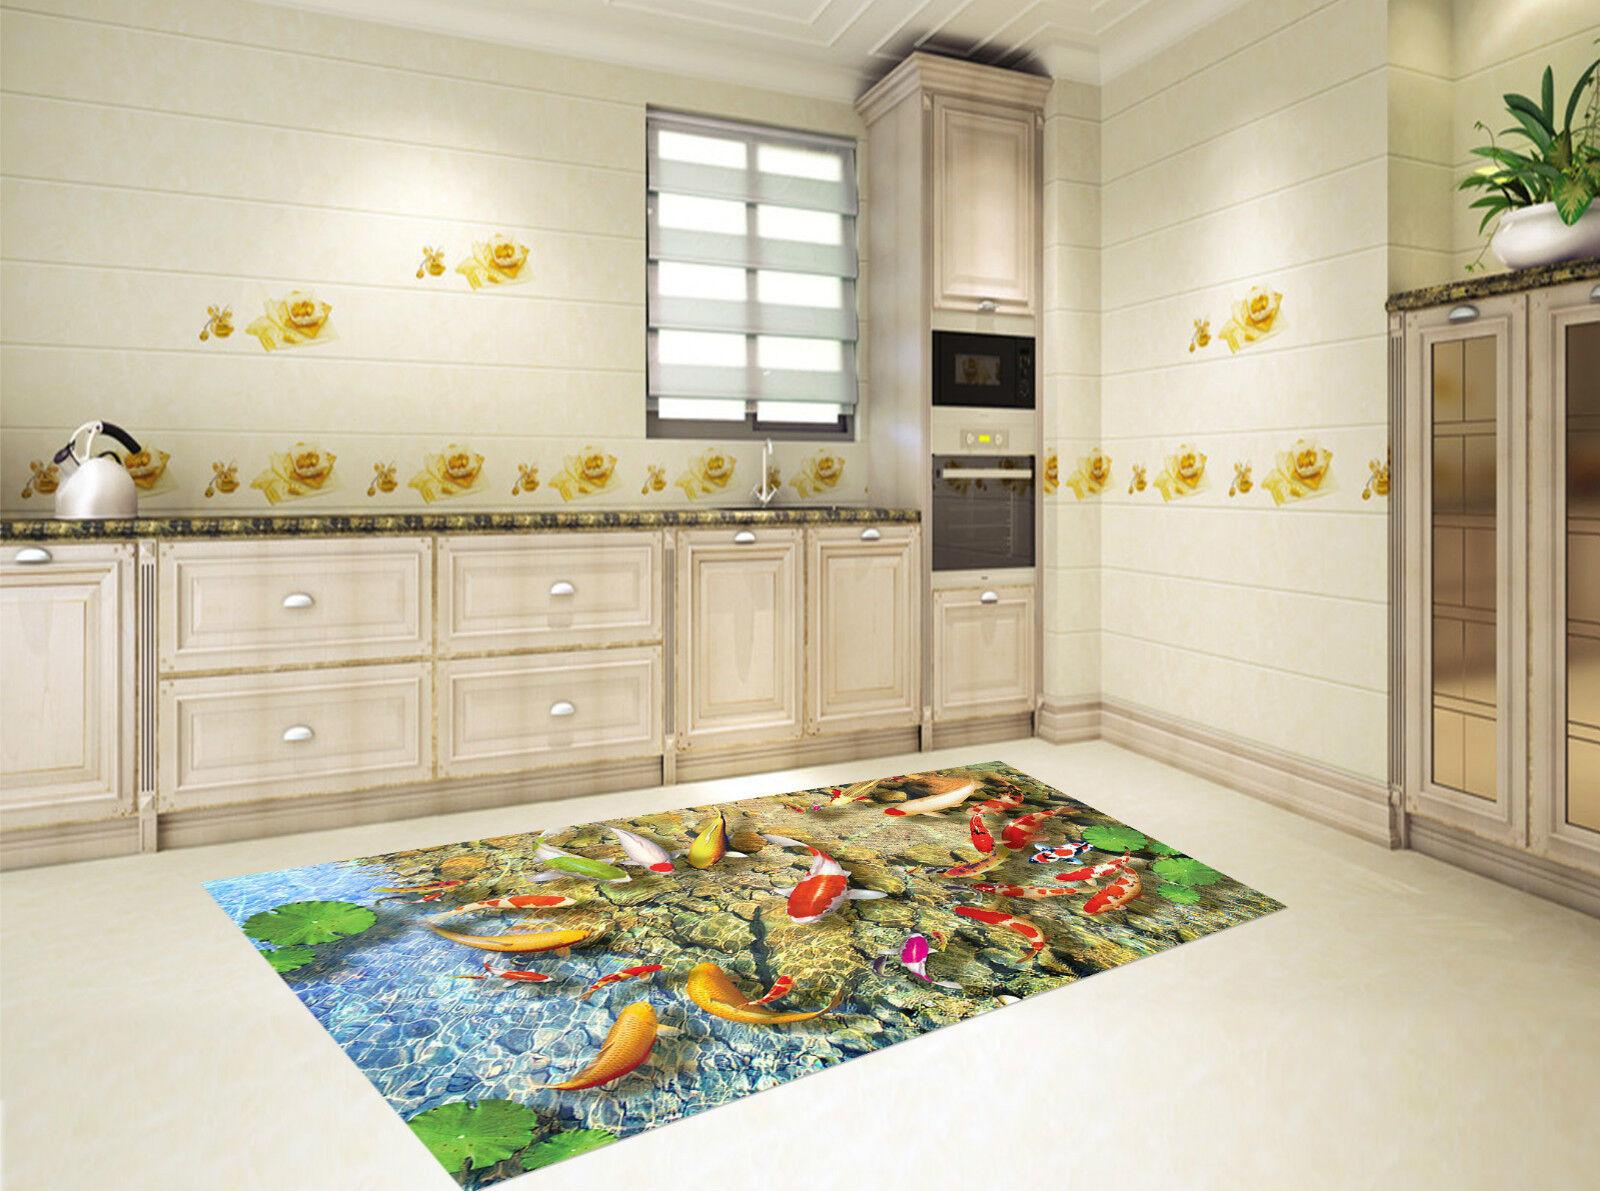 3D Lac Poissons Colorés 276 De Décor Mural Murale De 276 Mur De Cuisine AJ WALLPAPER FR e9ed13